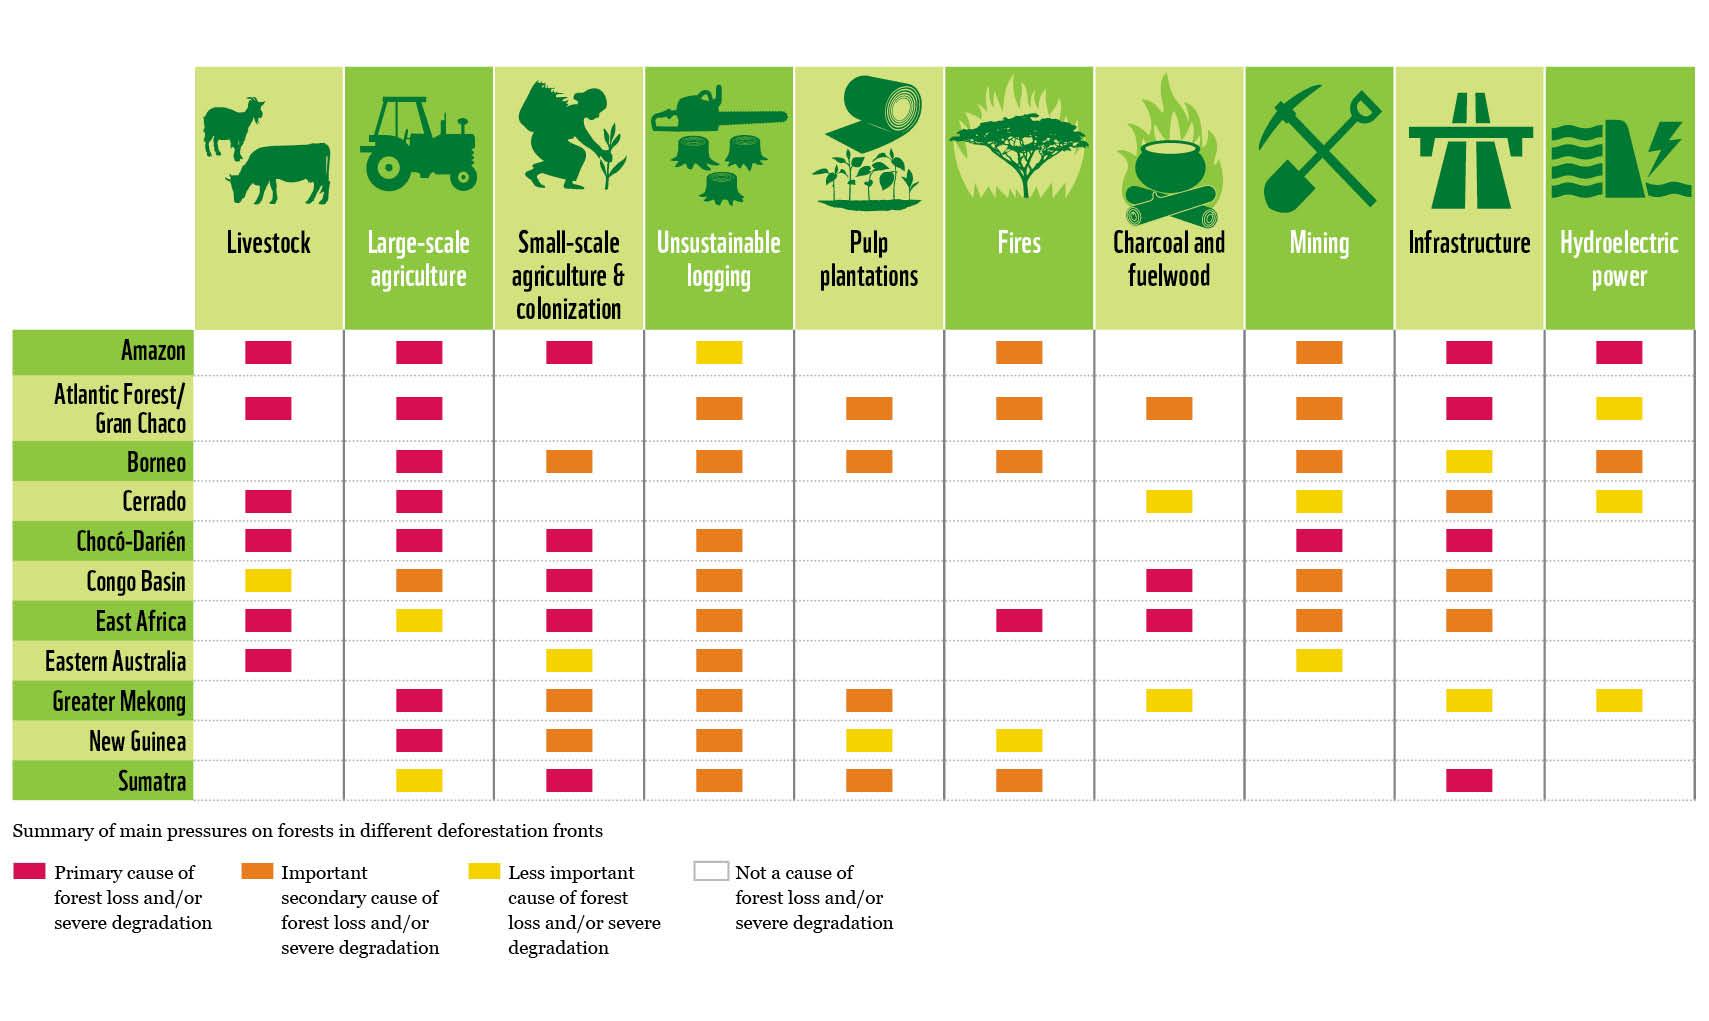 Deforestation pressure table